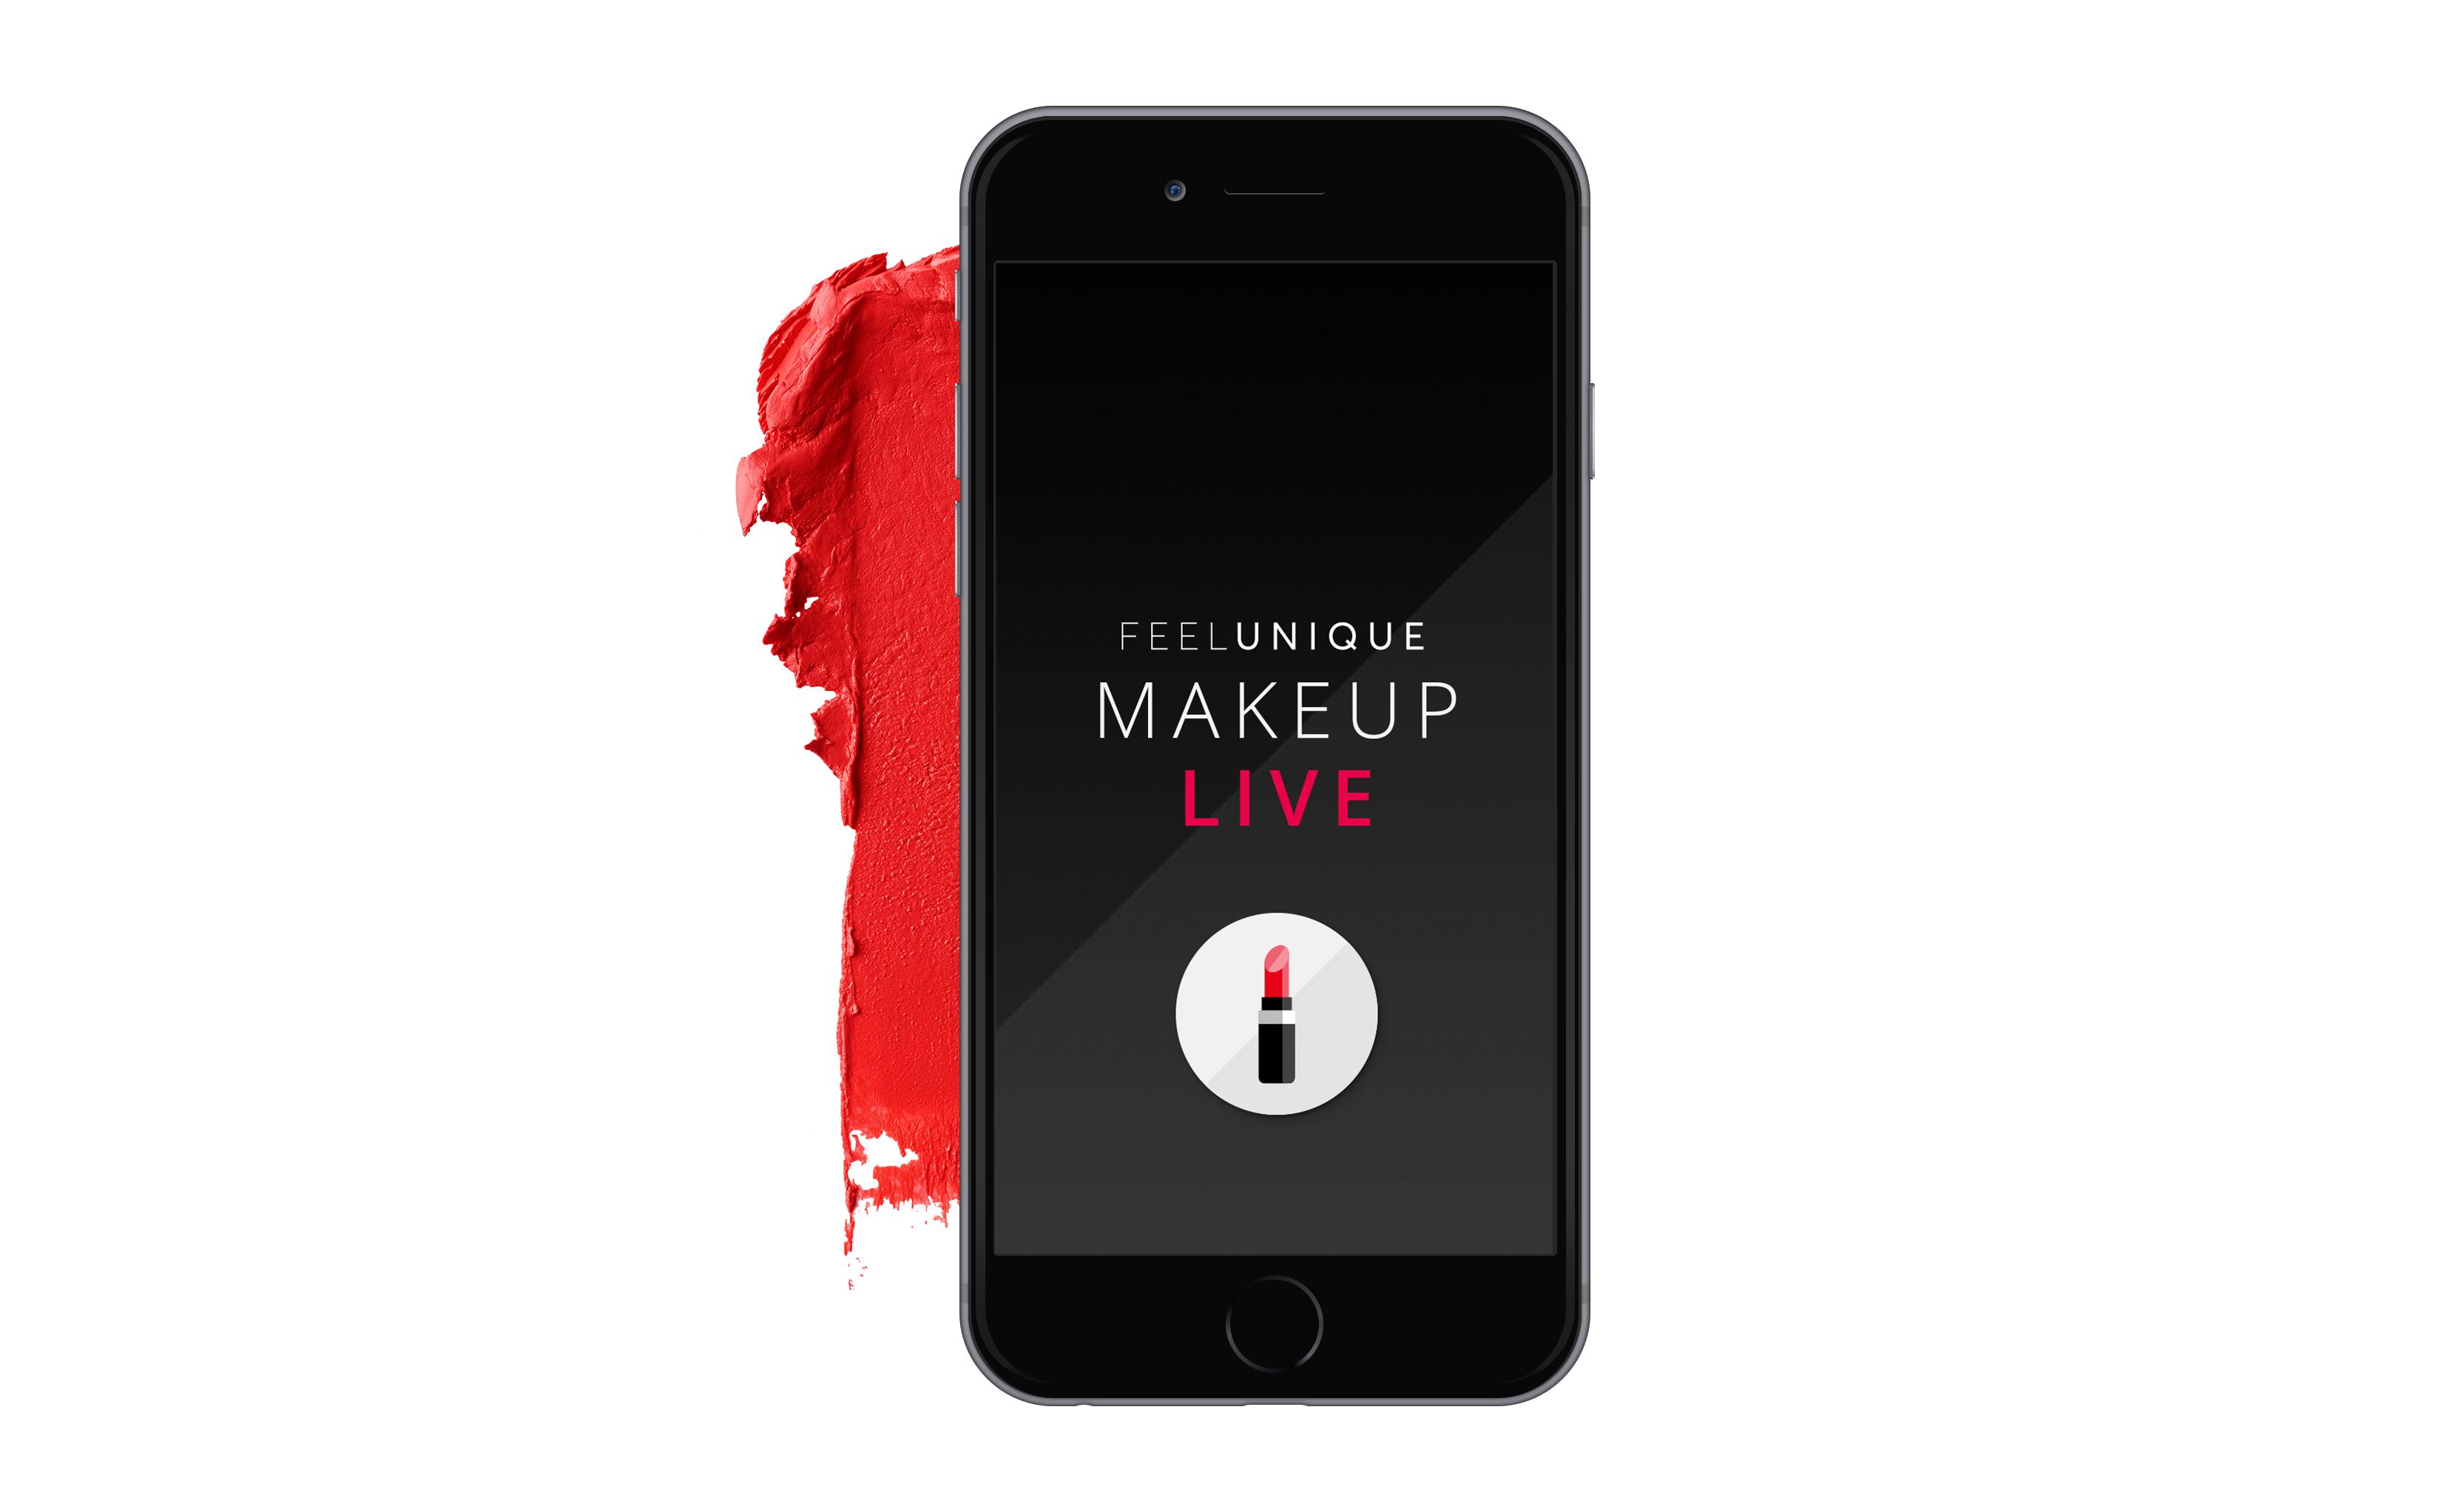 """Feelunique's """"Makeup Live"""" App"""